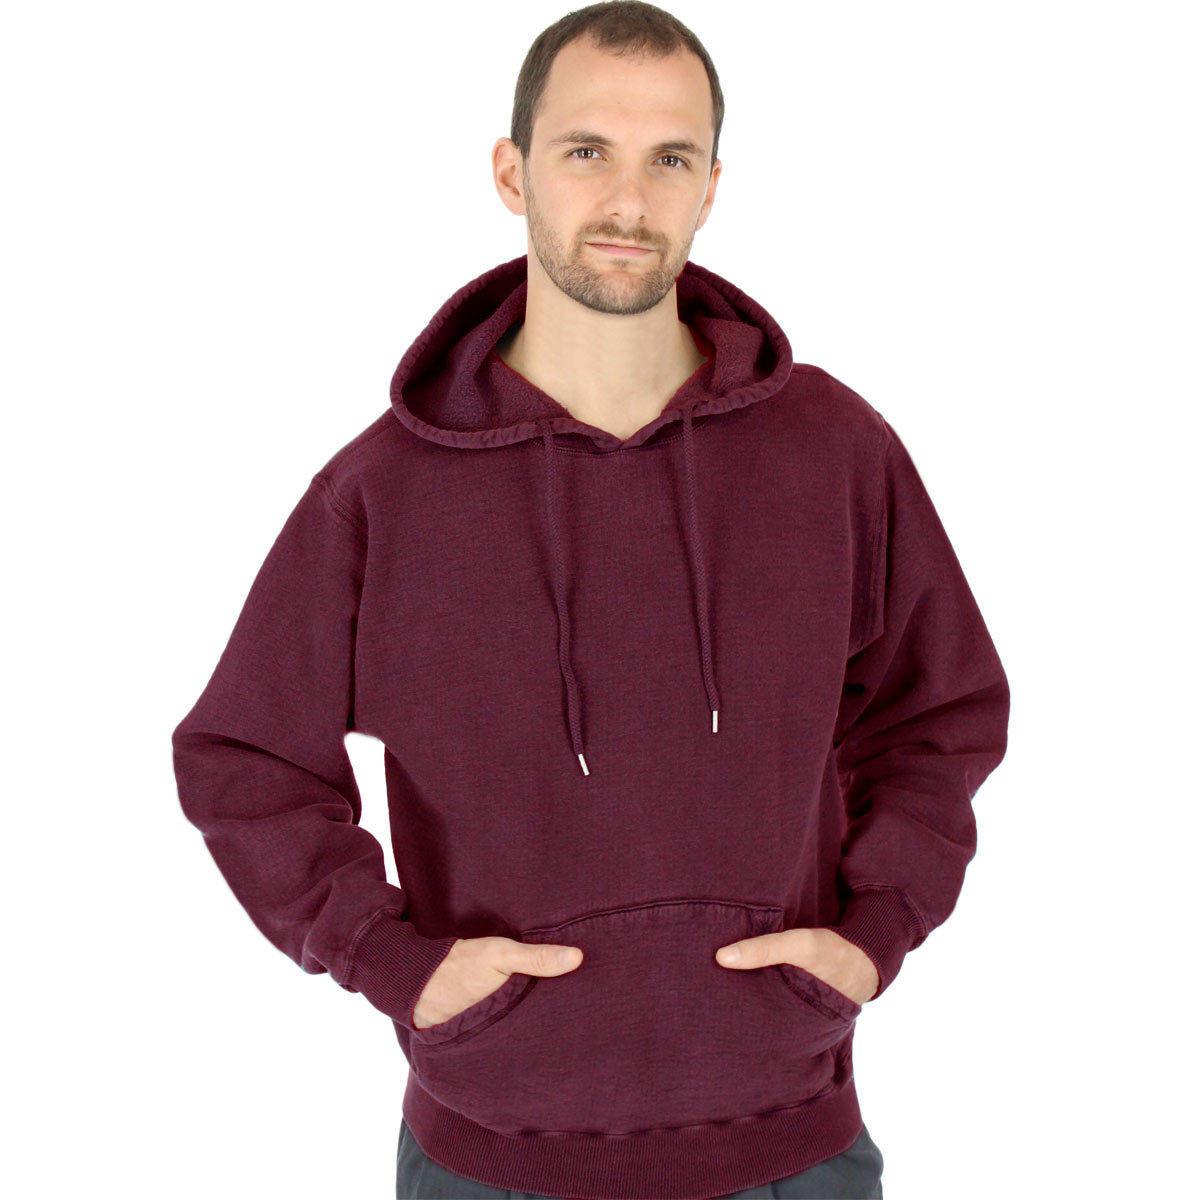 CottonMill 100% Cotton  Herren Hoodie Pullover Sweatshirt